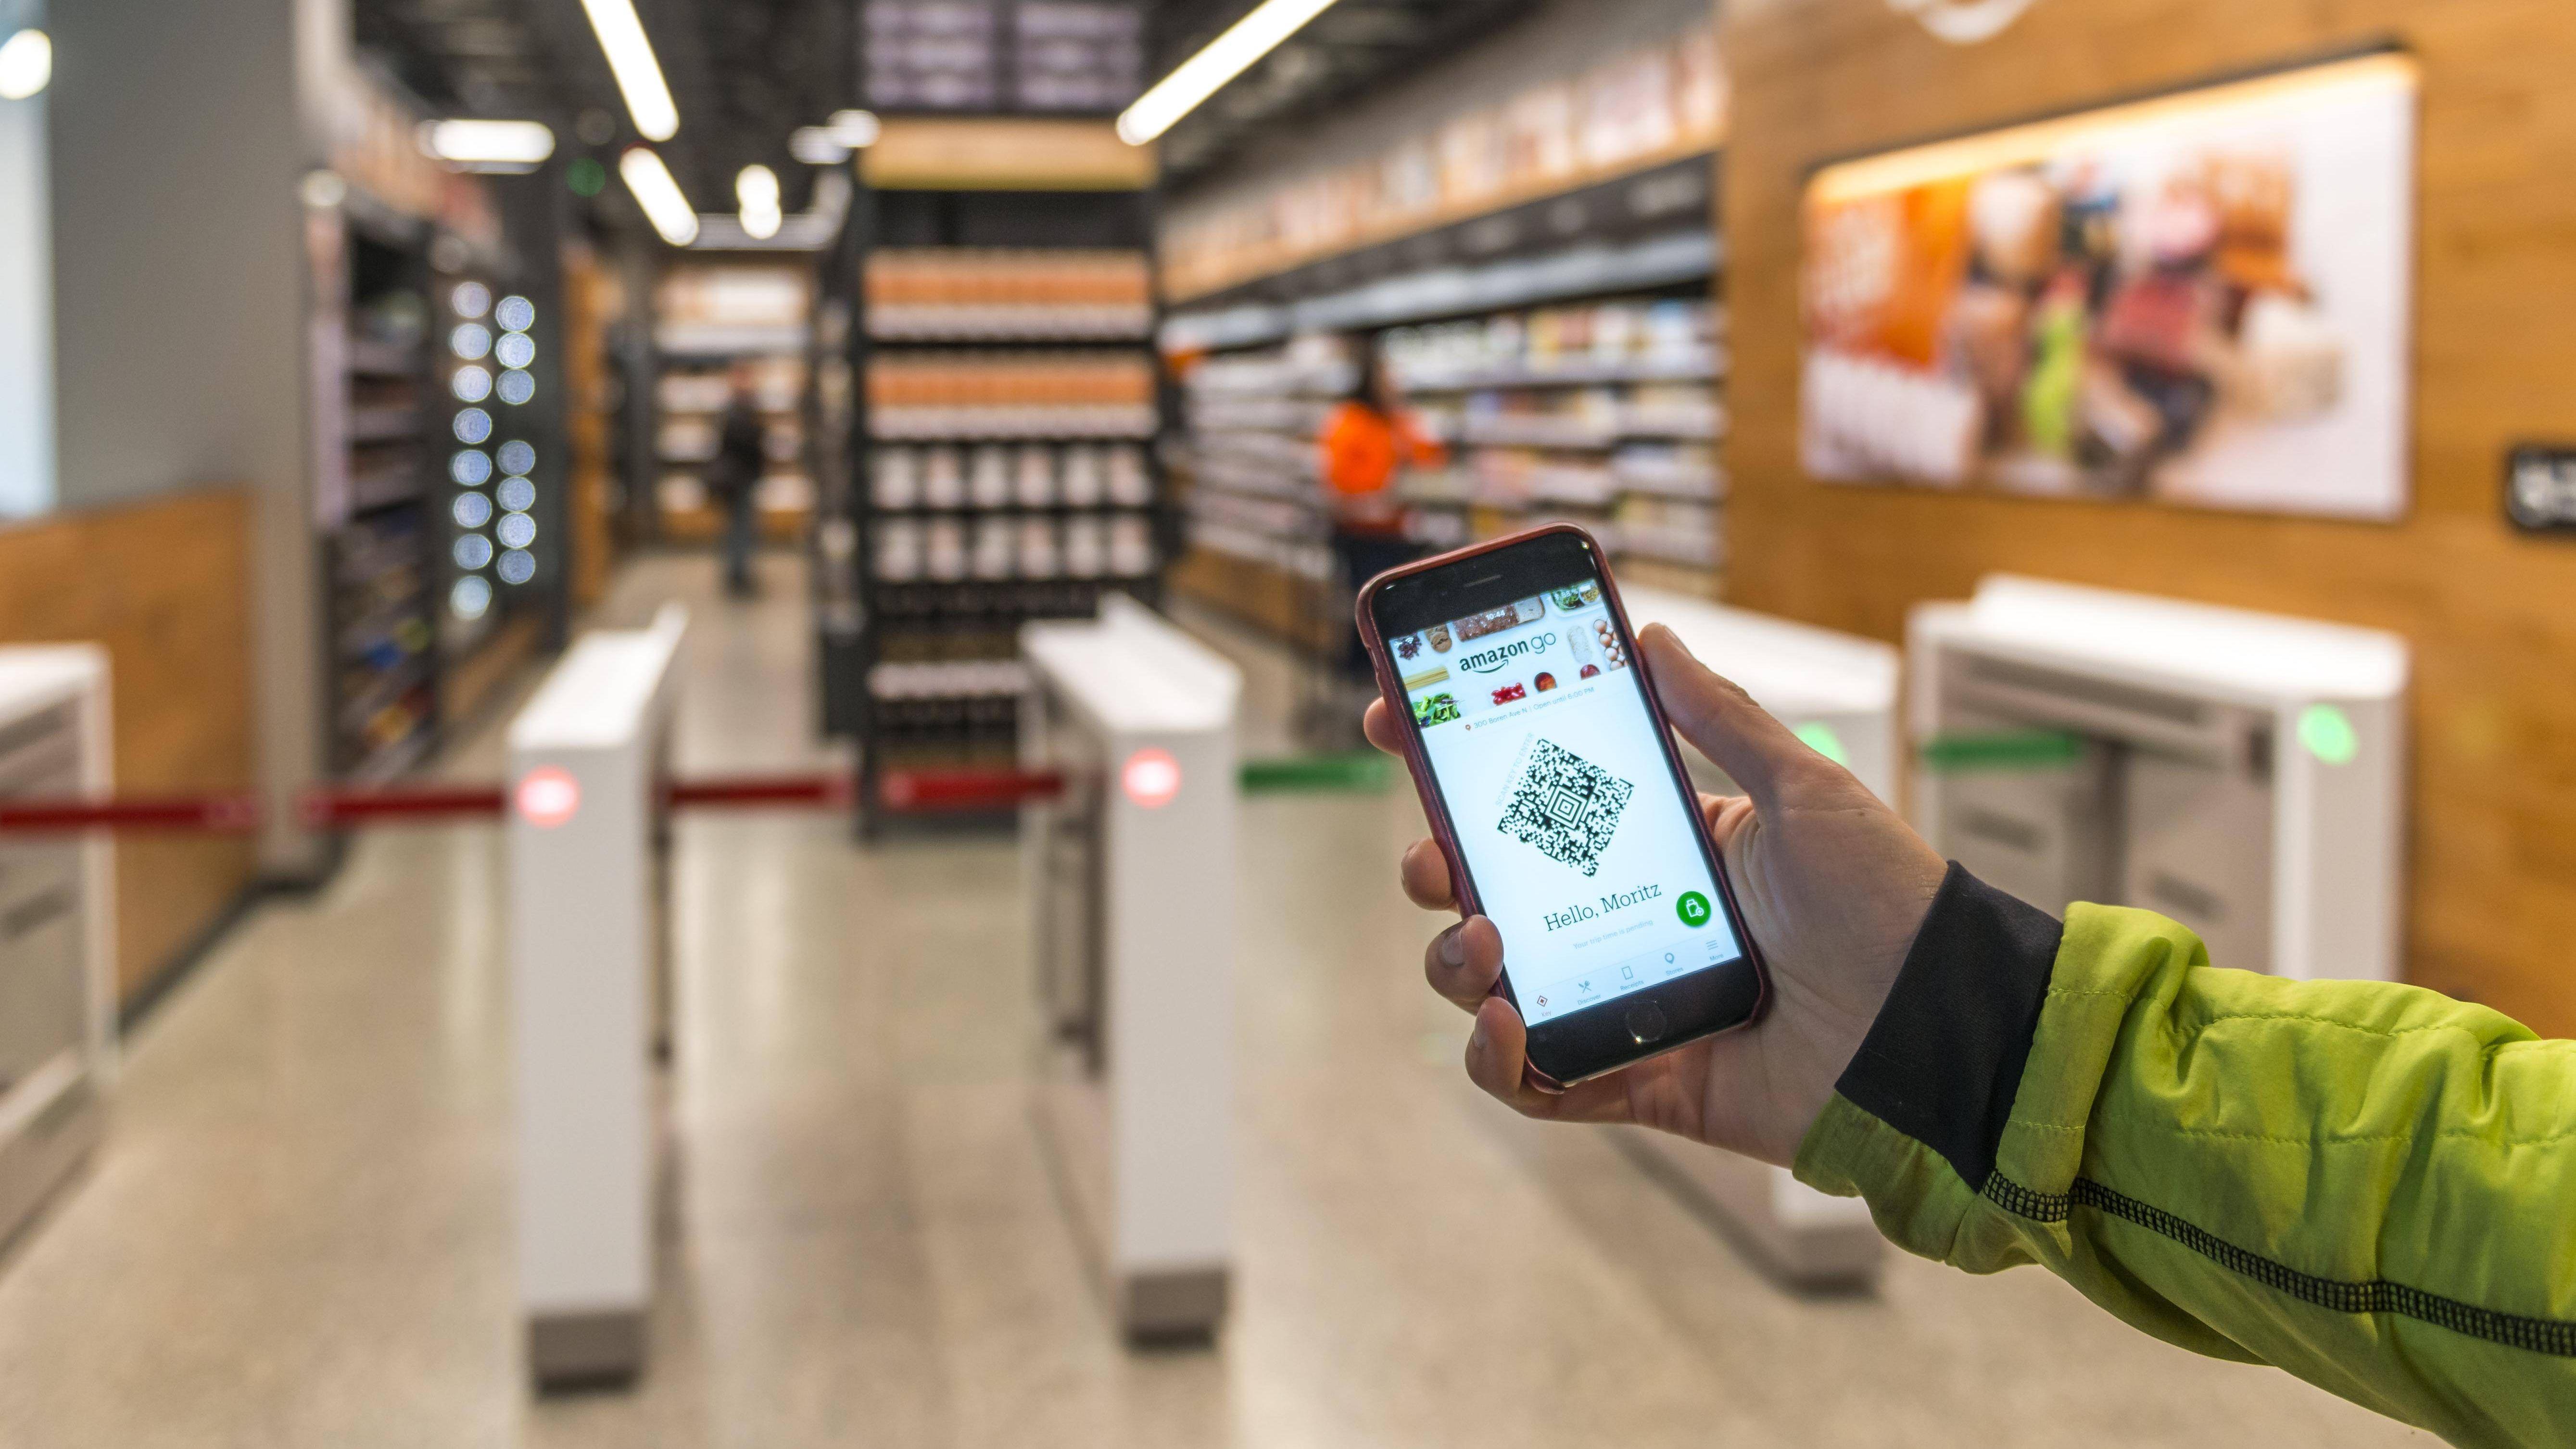 Online-Händler: Amazon eröffnet ersten größeren Supermarkt ohne Kassen